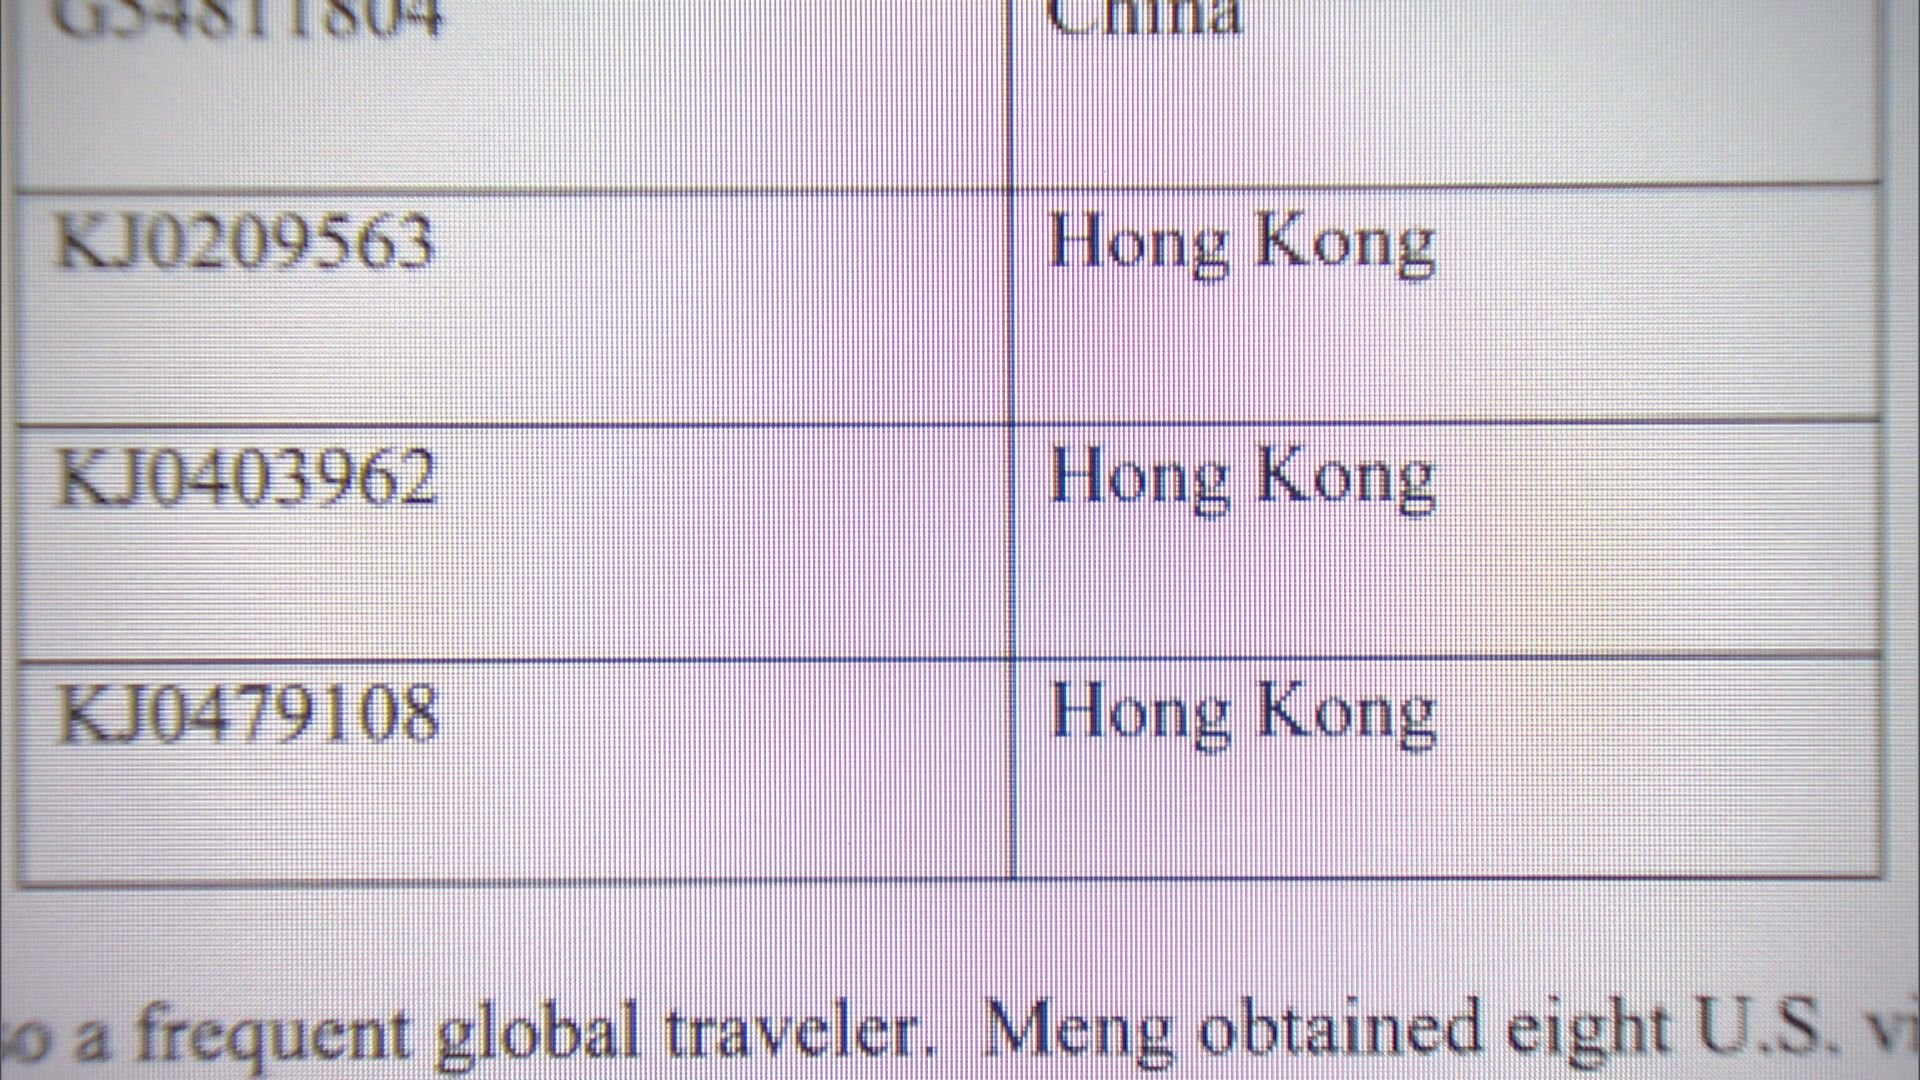 葉劉淑儀:無資料證明孟晚舟持特區護照情況違法